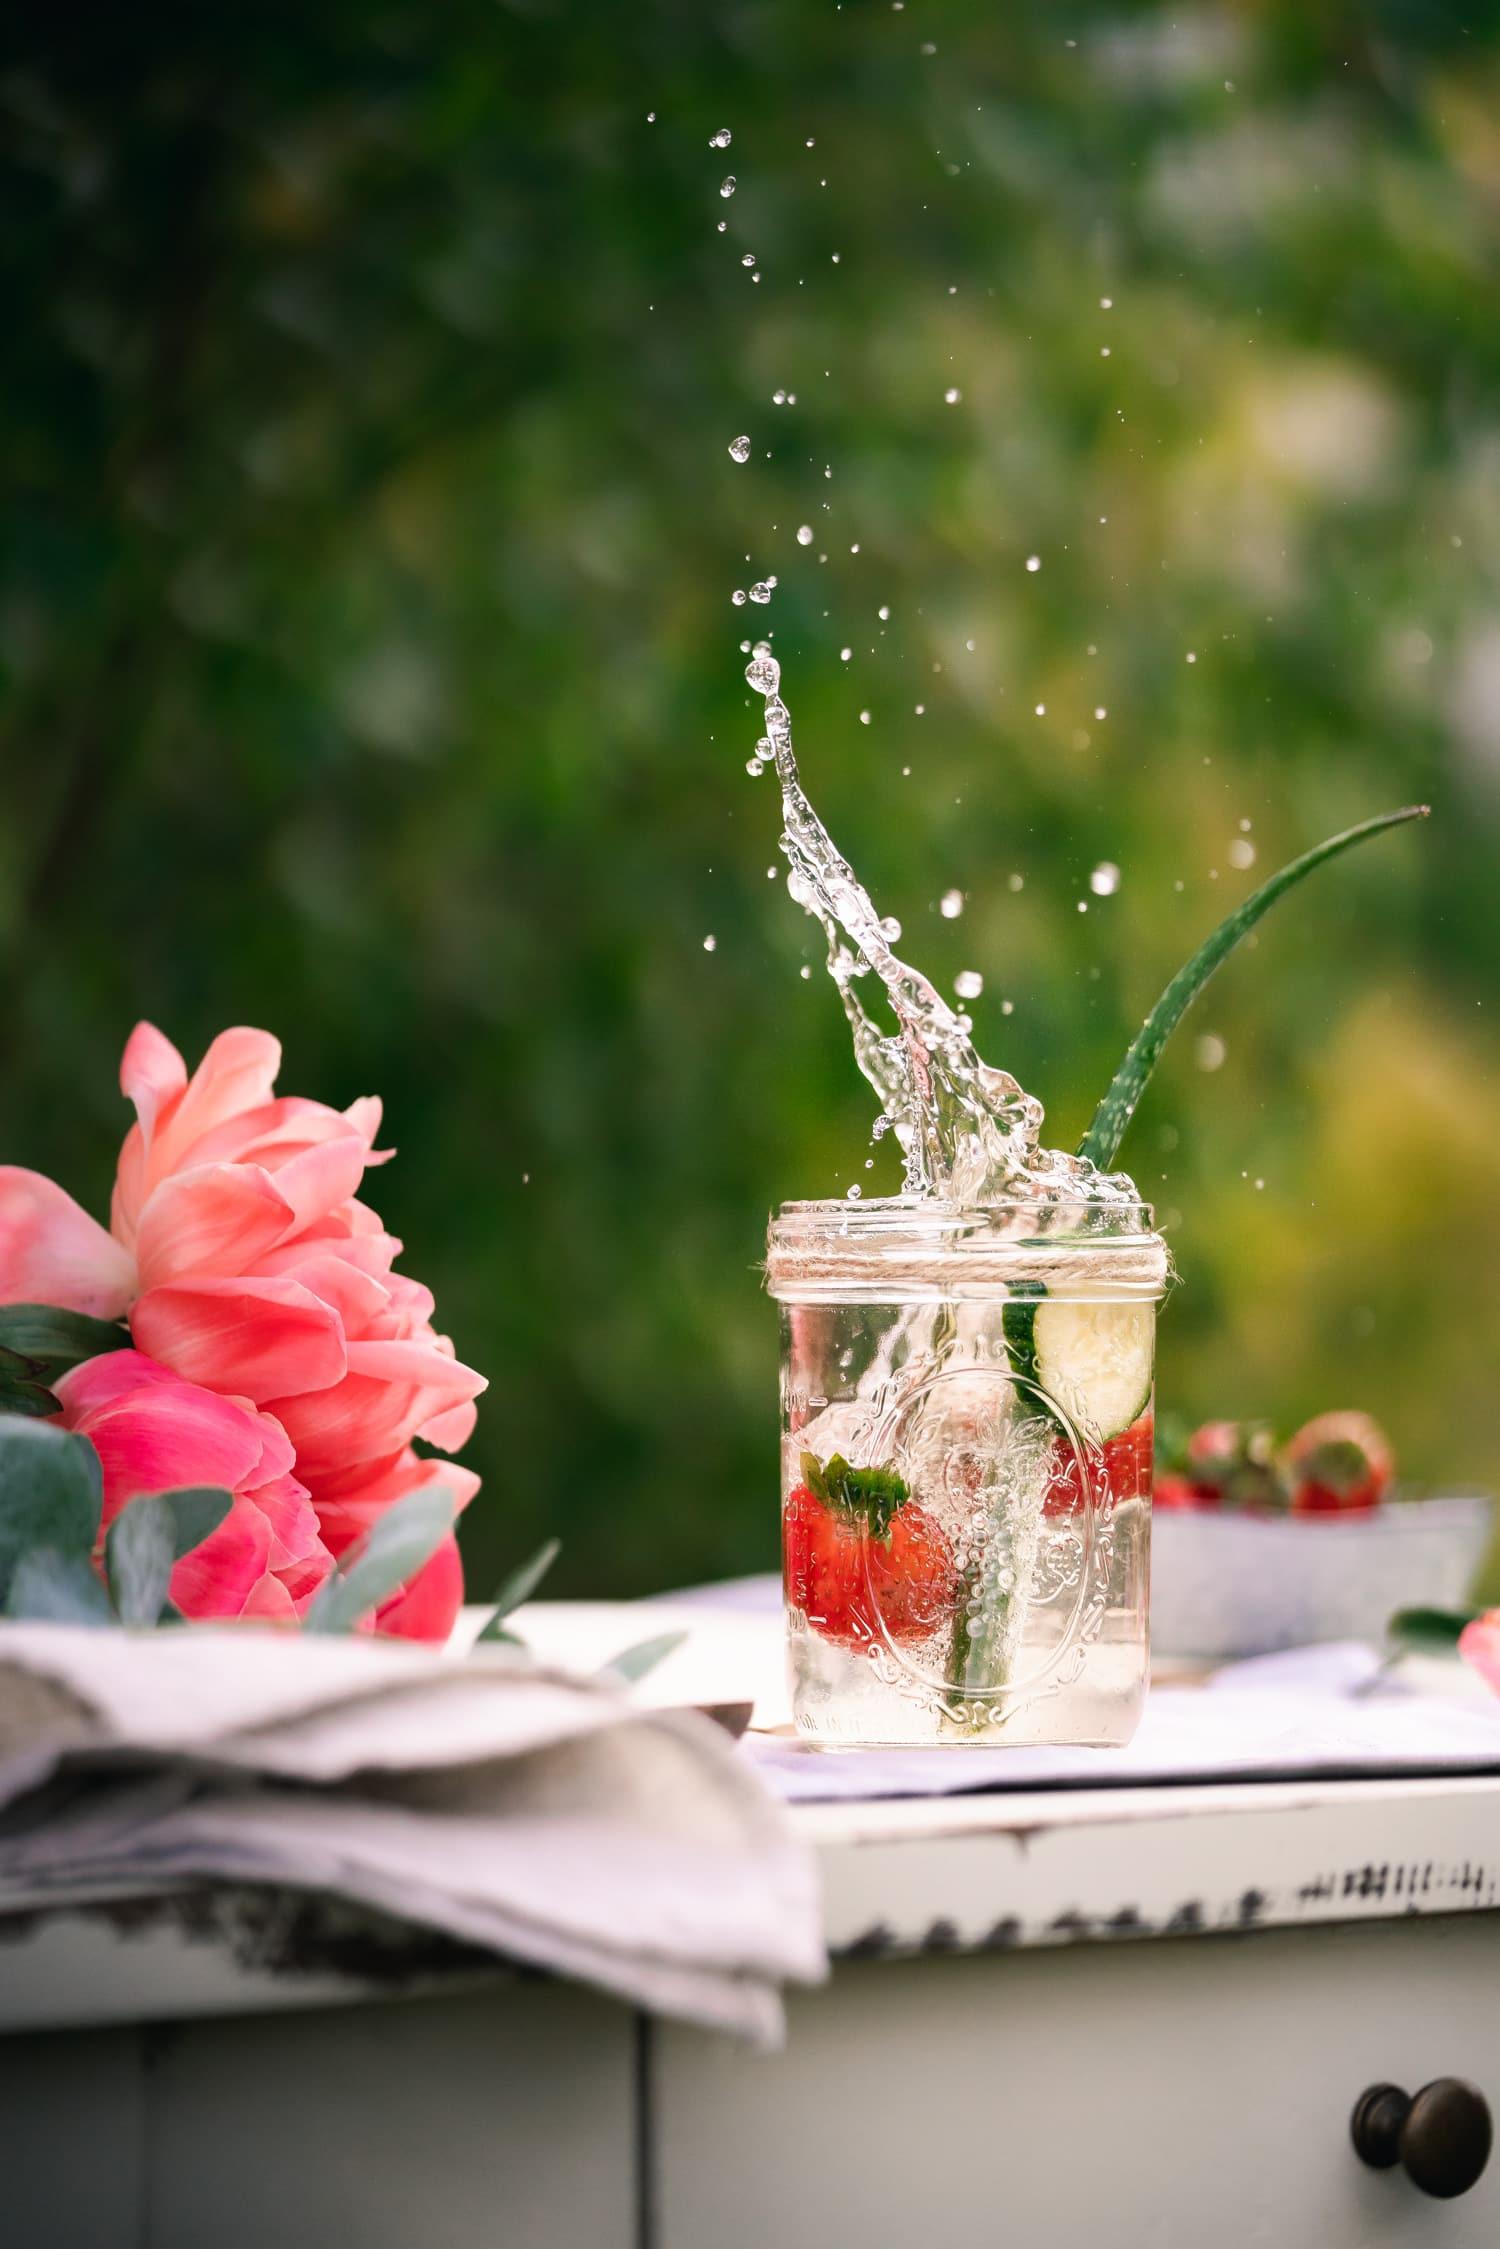 Erdbeere ins Glas gefallen mit Wasserspritzern